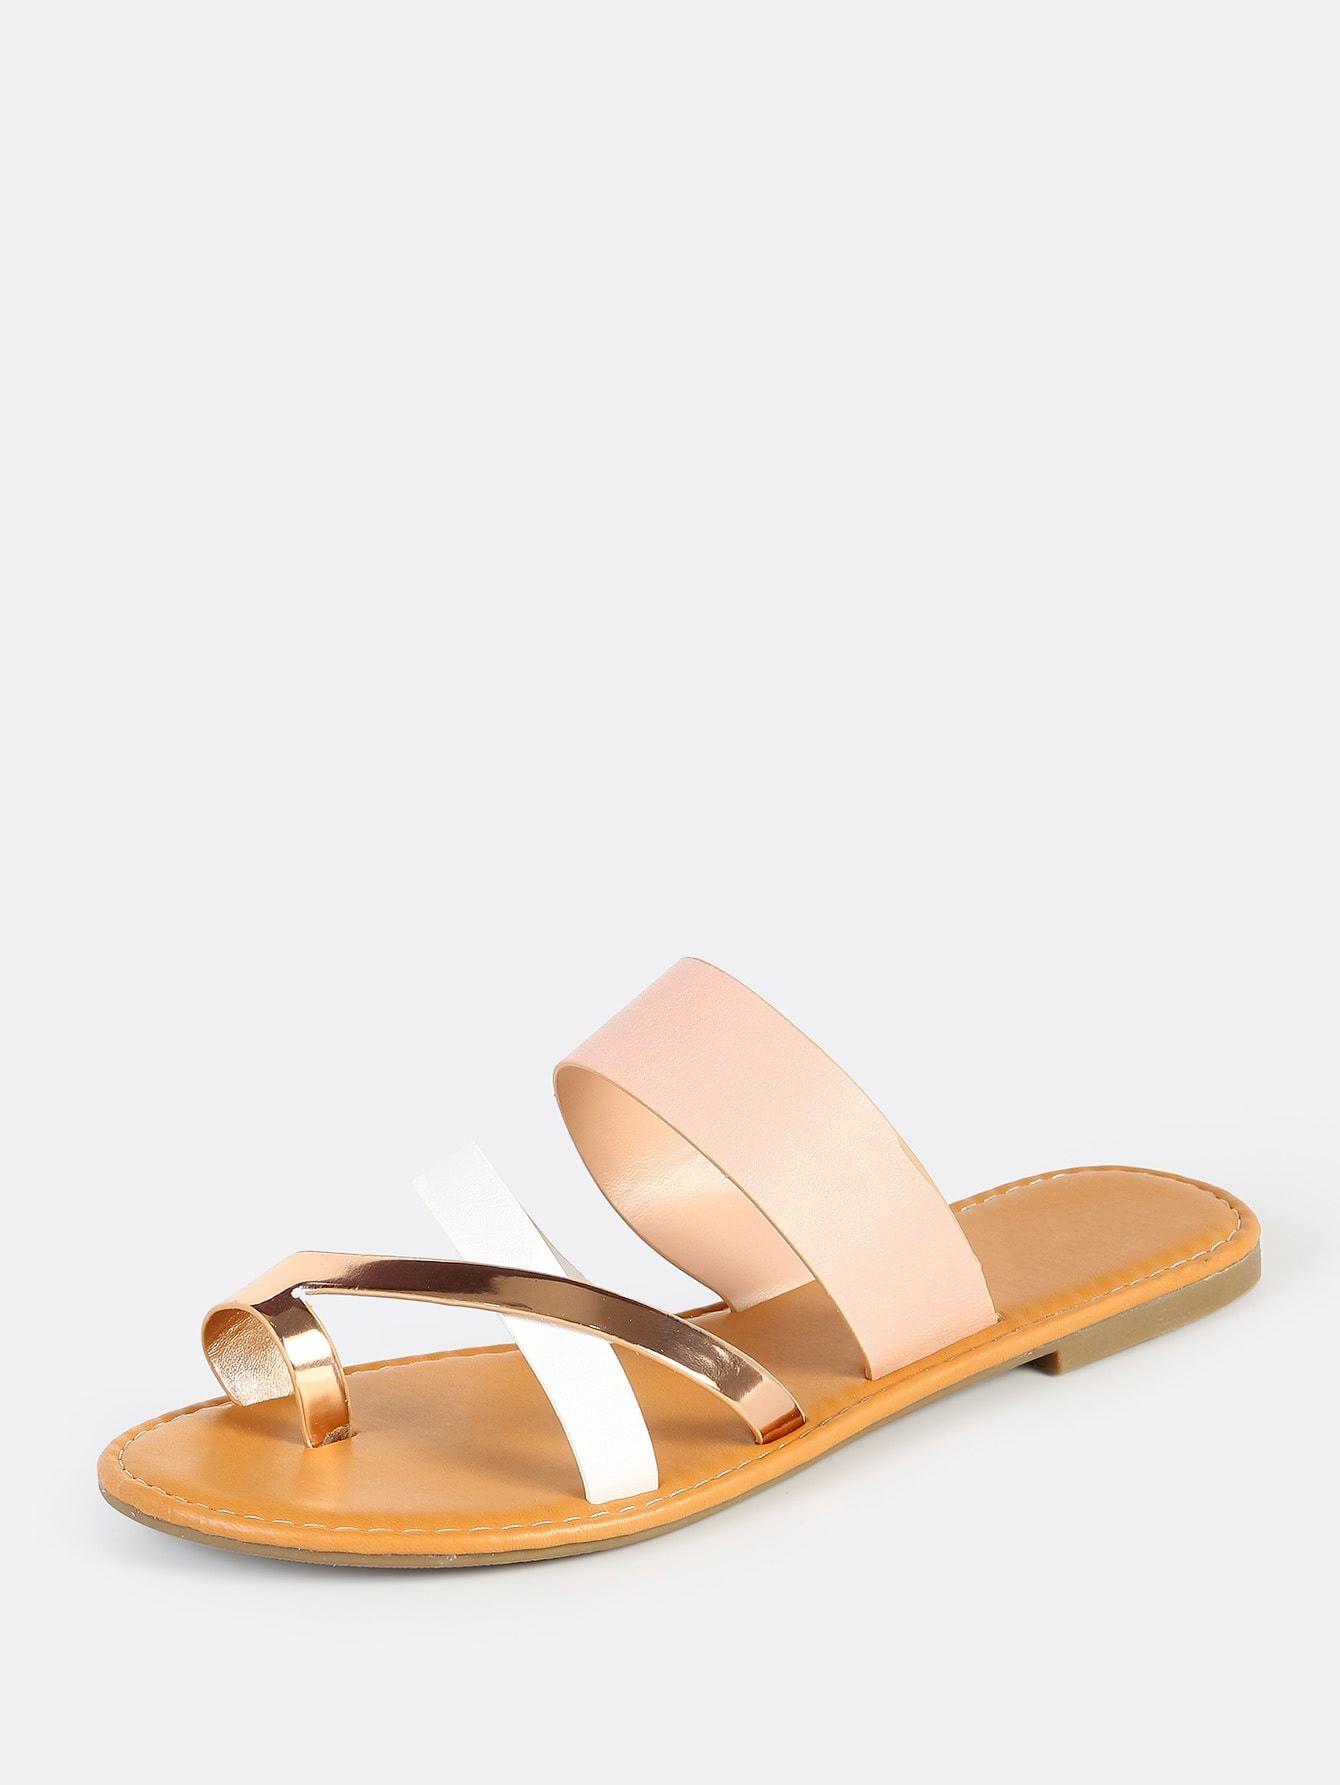 19b9be7f7f Casual Toe Post Strappy and Criss Cross Multicolor Multi Toe Ring Sandals  BLUSH MULTI